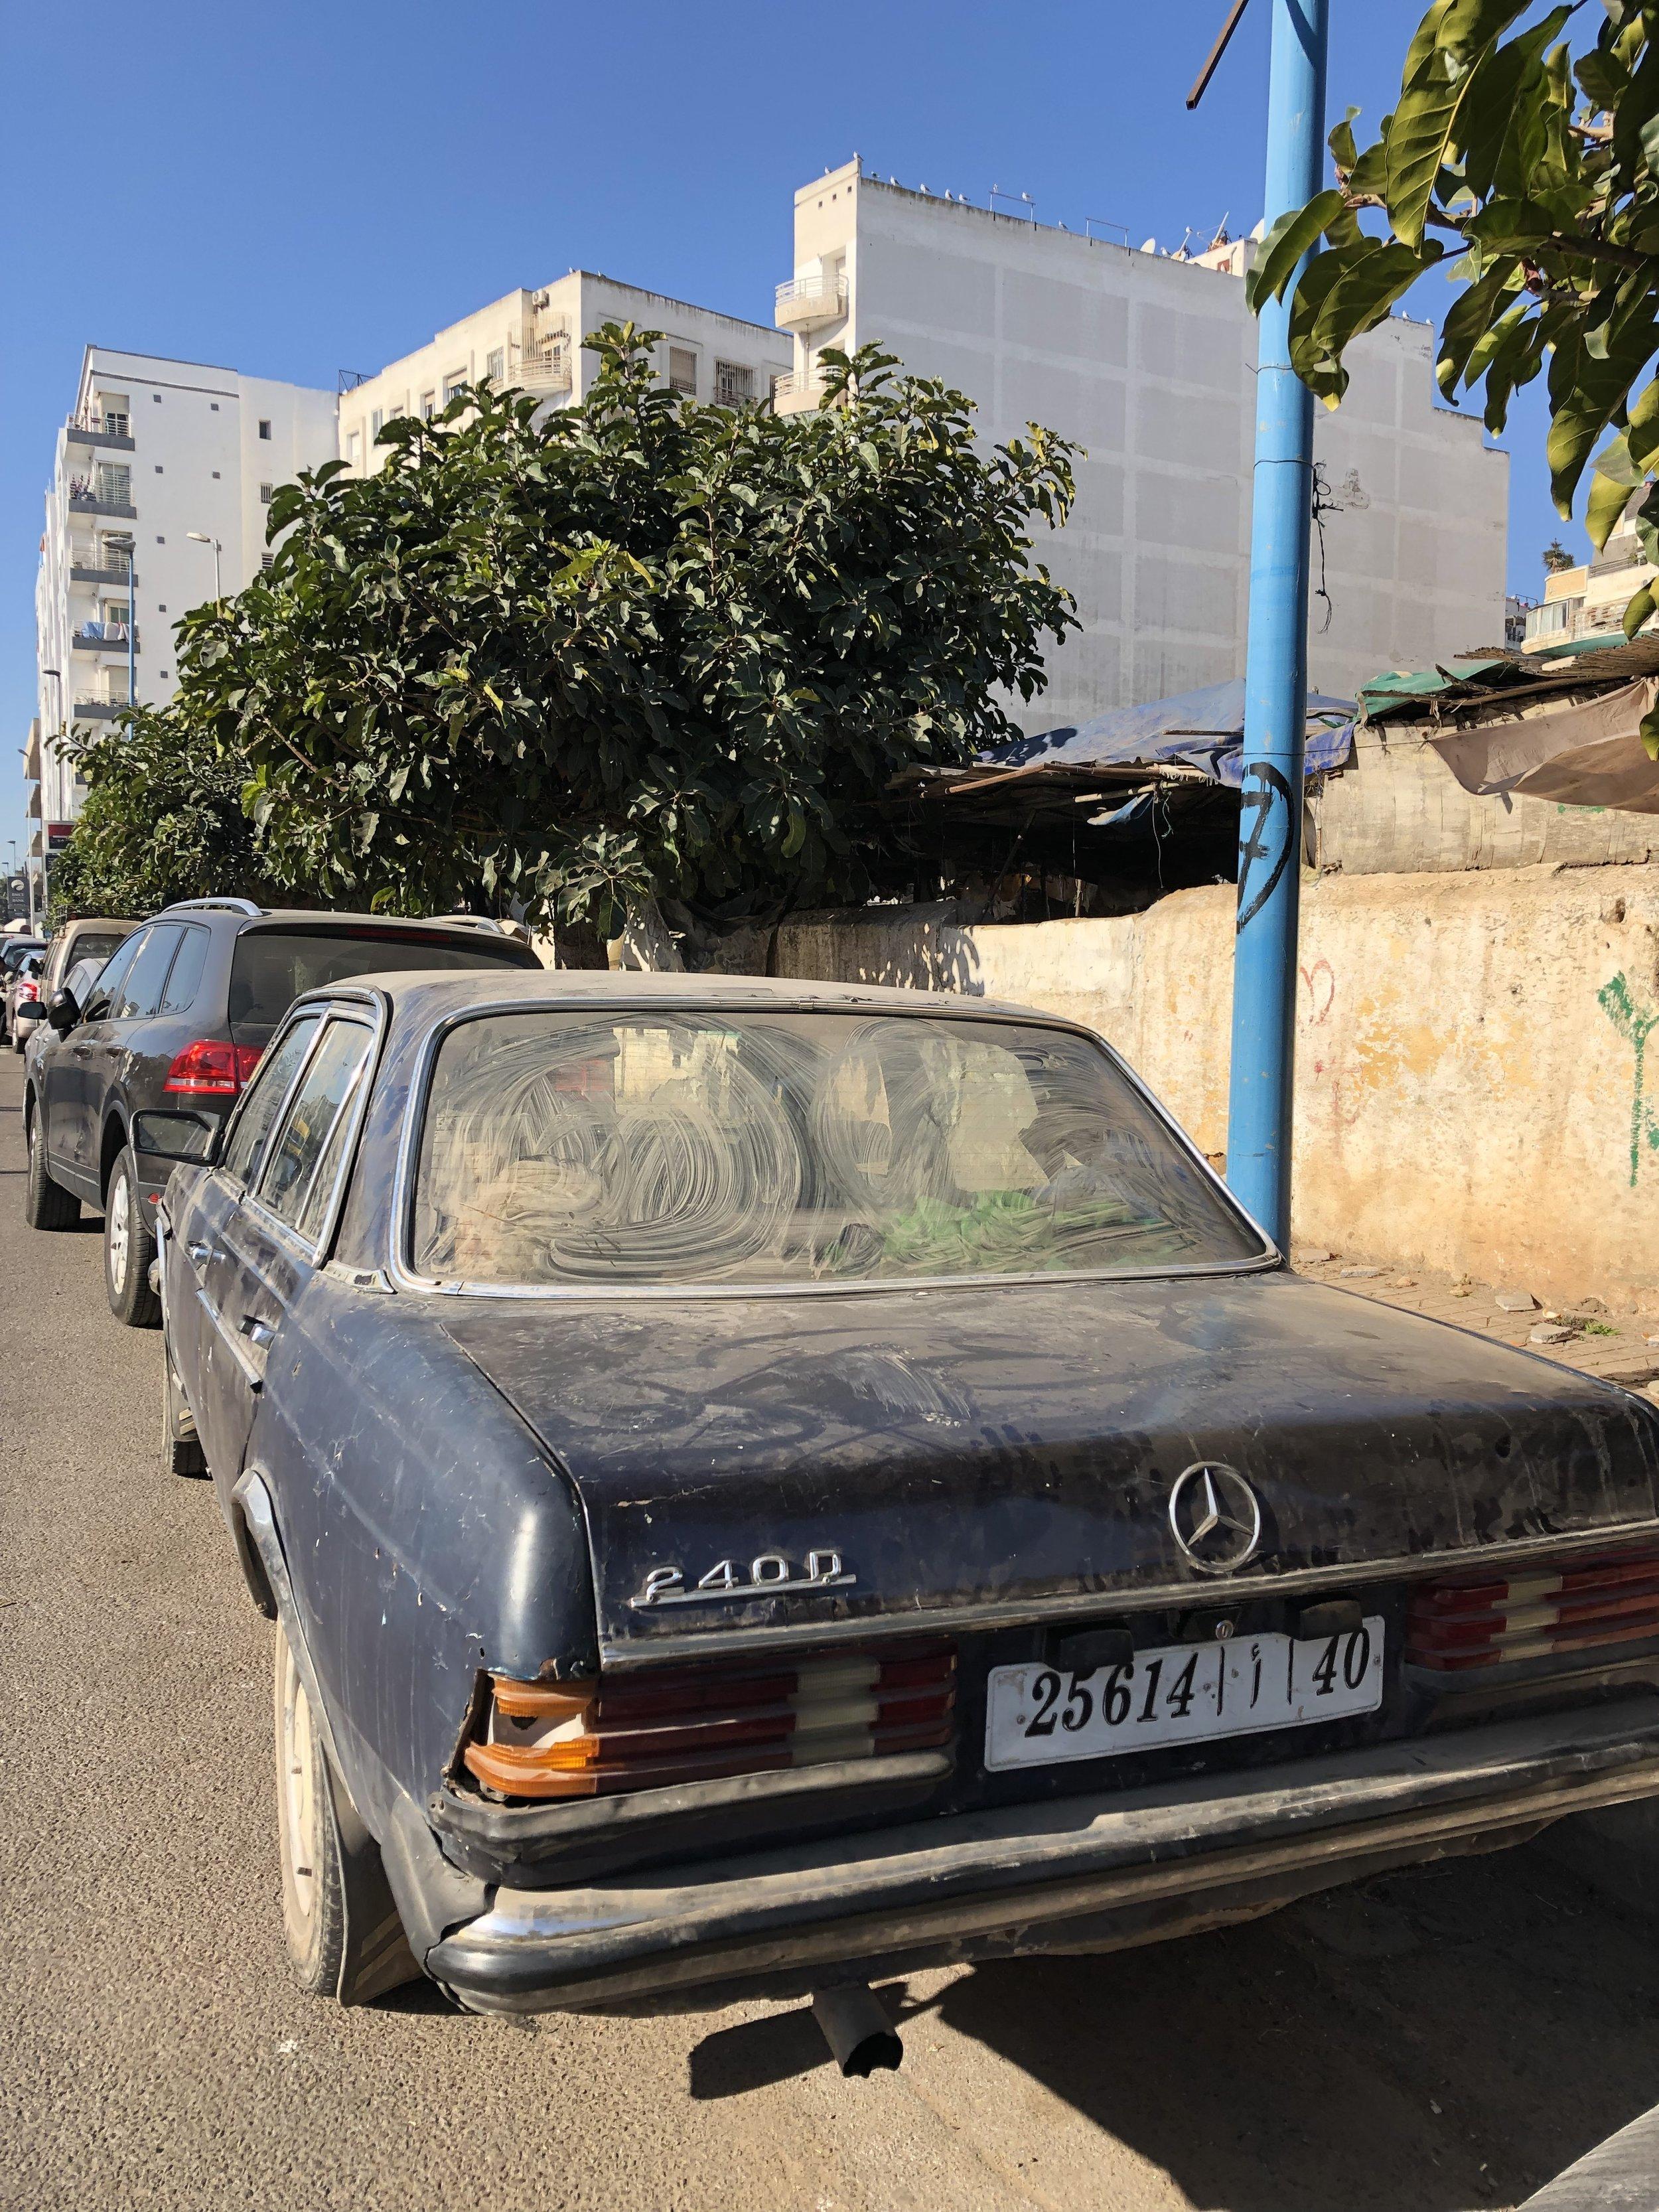 モロッコにはこの年代かこれより古いベンツがゴロゴロある。 タクシーはほぼベンツ。町によって違う色に塗られている。 これは普通に乗る用。